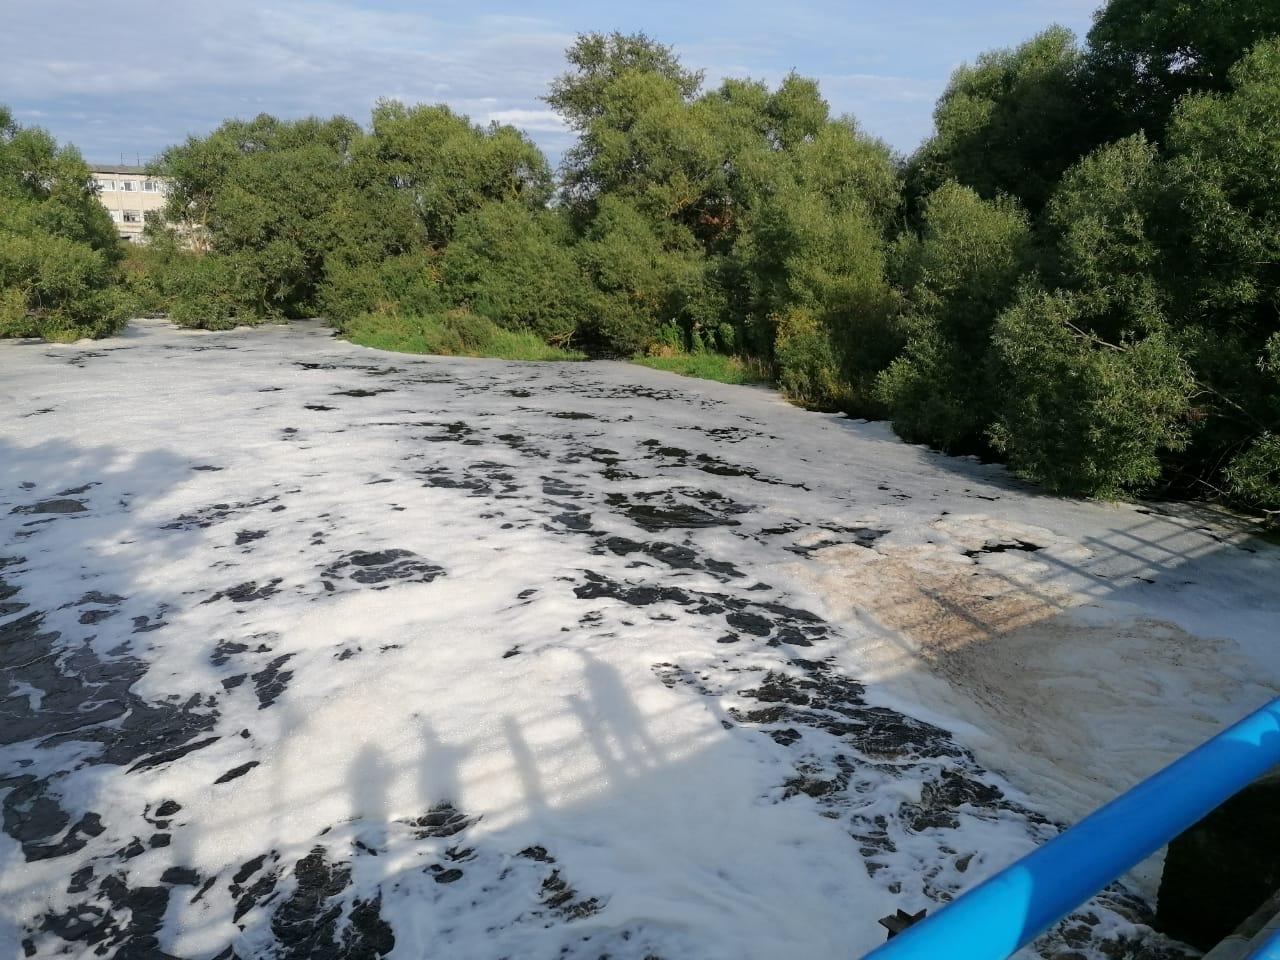 река Ижора, загрязнение, пена